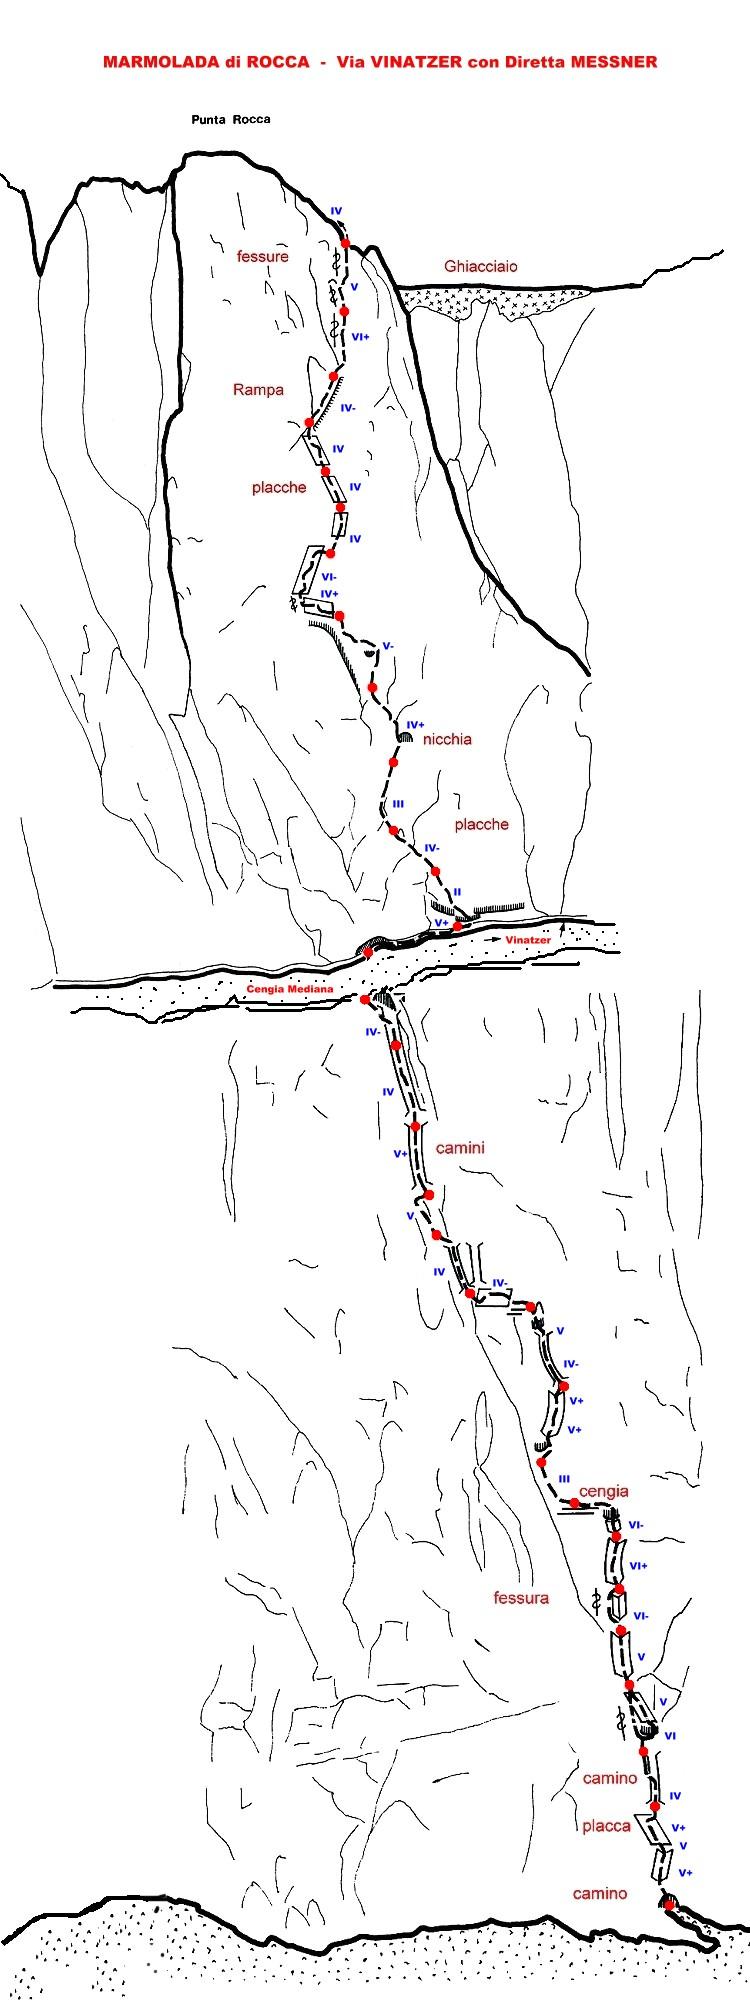 Schizzo Via Vinatzer Messner